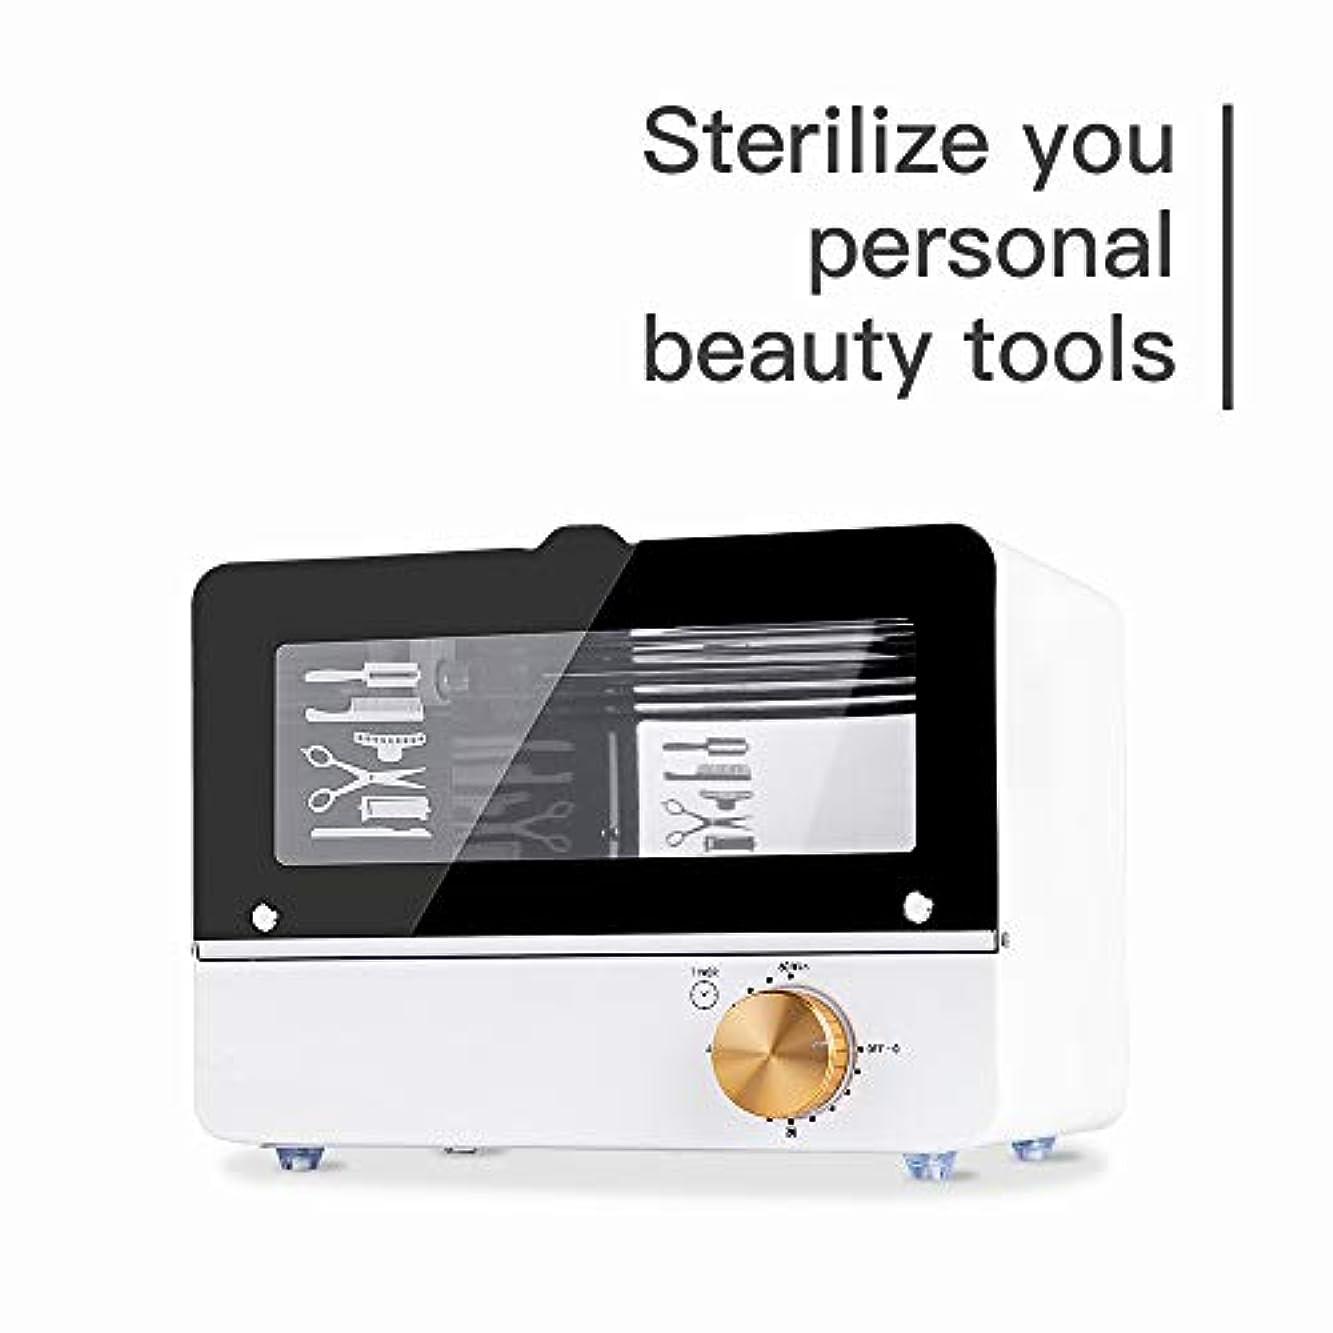 ハリウッド舞い上がる解く高温滅菌マニキュアツール、美容ネイルメタルツールのためのUV消毒ボックス収納ケース、殺菌された細菌99.9%